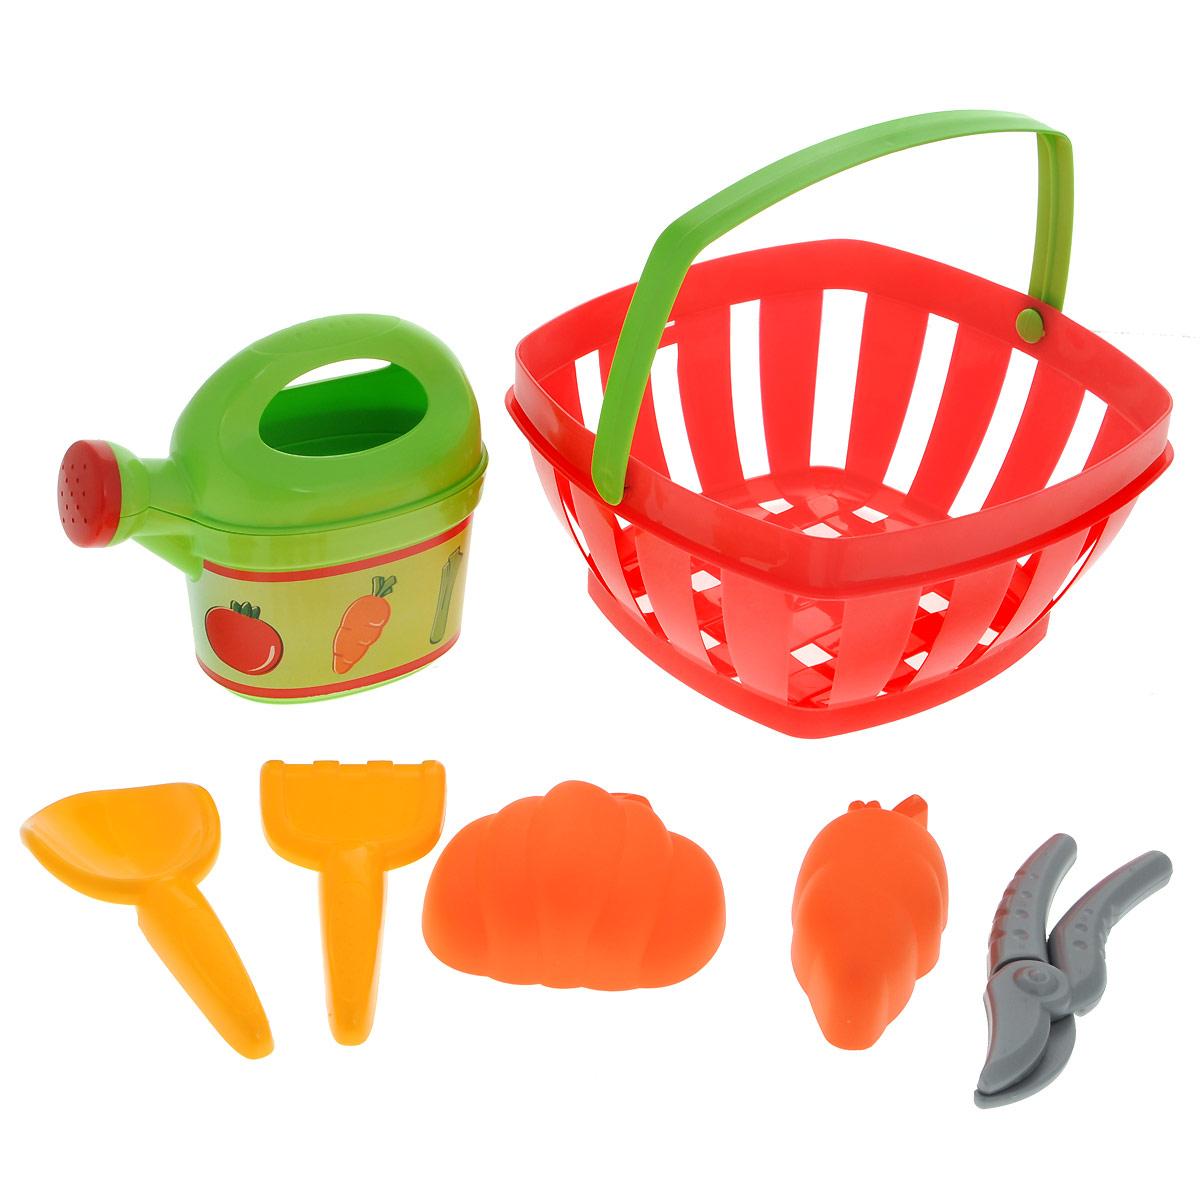 Ecoiffier Игровой набор Для огорода, 7 предметов567Игровой набор Ecoiffier Для огорода включает в себя лейку, совок, грабельки, секатор, две формочки в виде морковки и тыковки и удобную корзину с ручками. Лейка оснащена ручкой; верхняя часть снимается, позволяя легко наполнить емкость. Игрушки, выполненные из пластика, удобны для детской ладони, не имеют острых углов и абсолютно безопасны для ребенка. Этот замечательный набор для огорода отлично подойдет для различных детских ролевых игр.